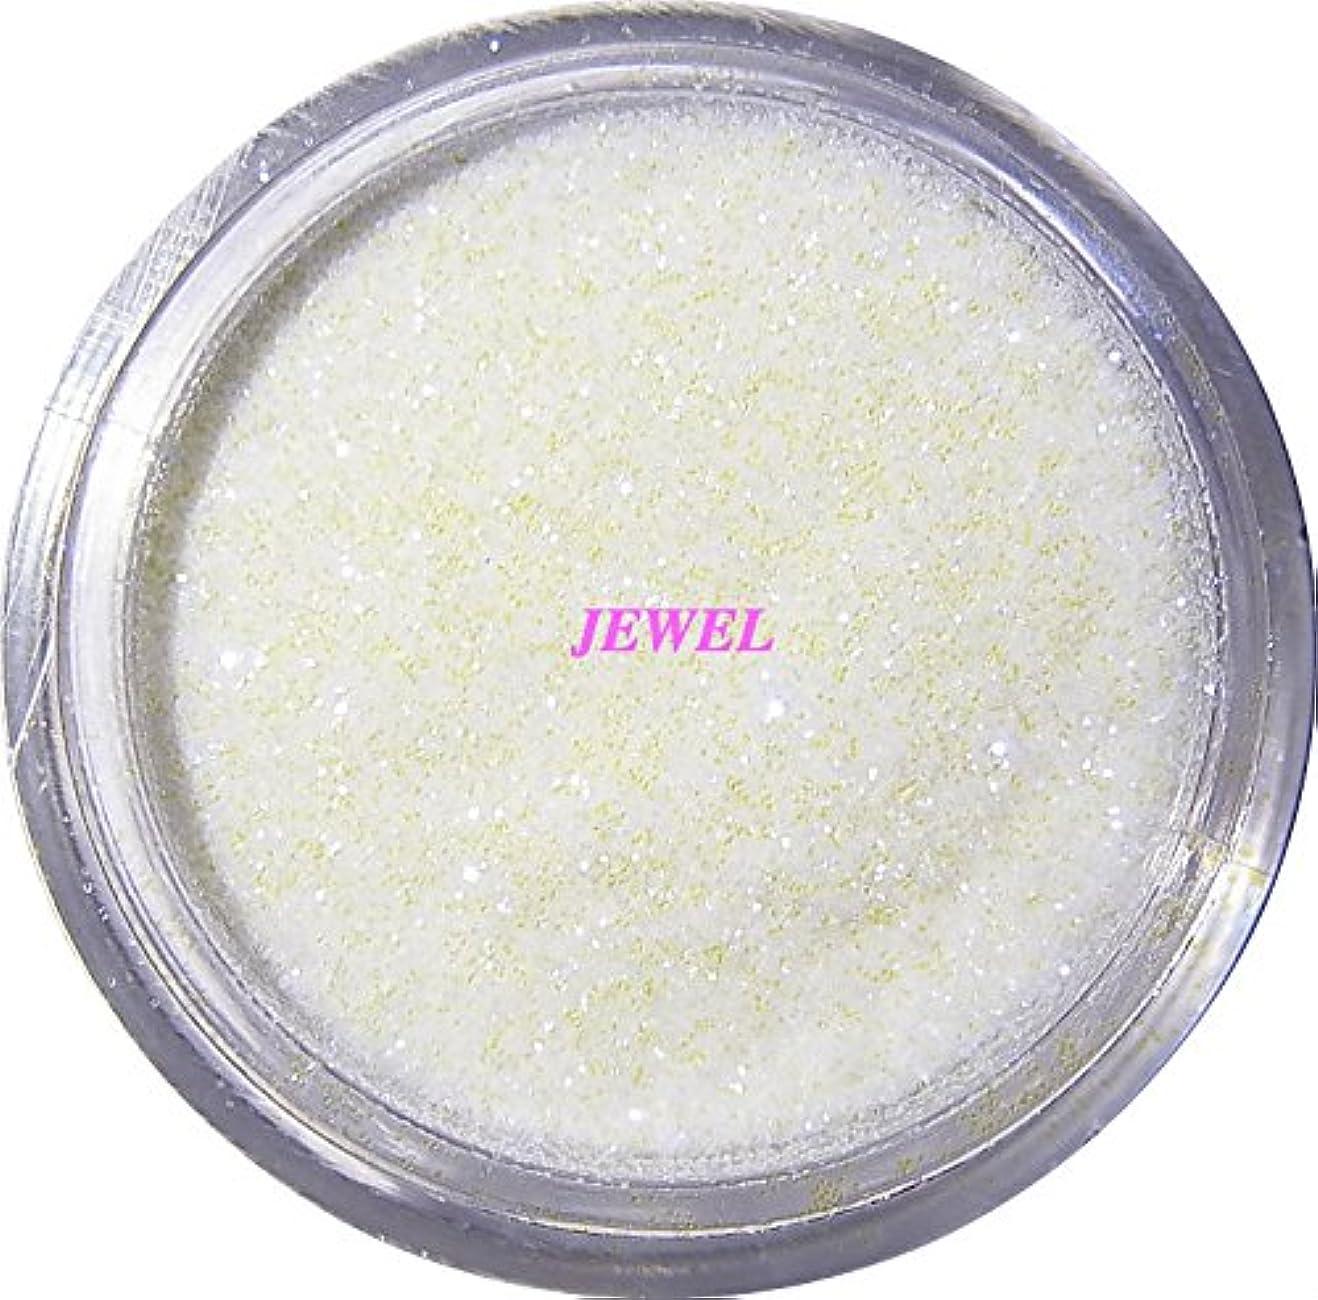 発症富豪以前は【jewel】 超微粒子ラメパウダー(白/パールホワイト) 256/1サイズ 2g入り グリッター レジン&ネイル用